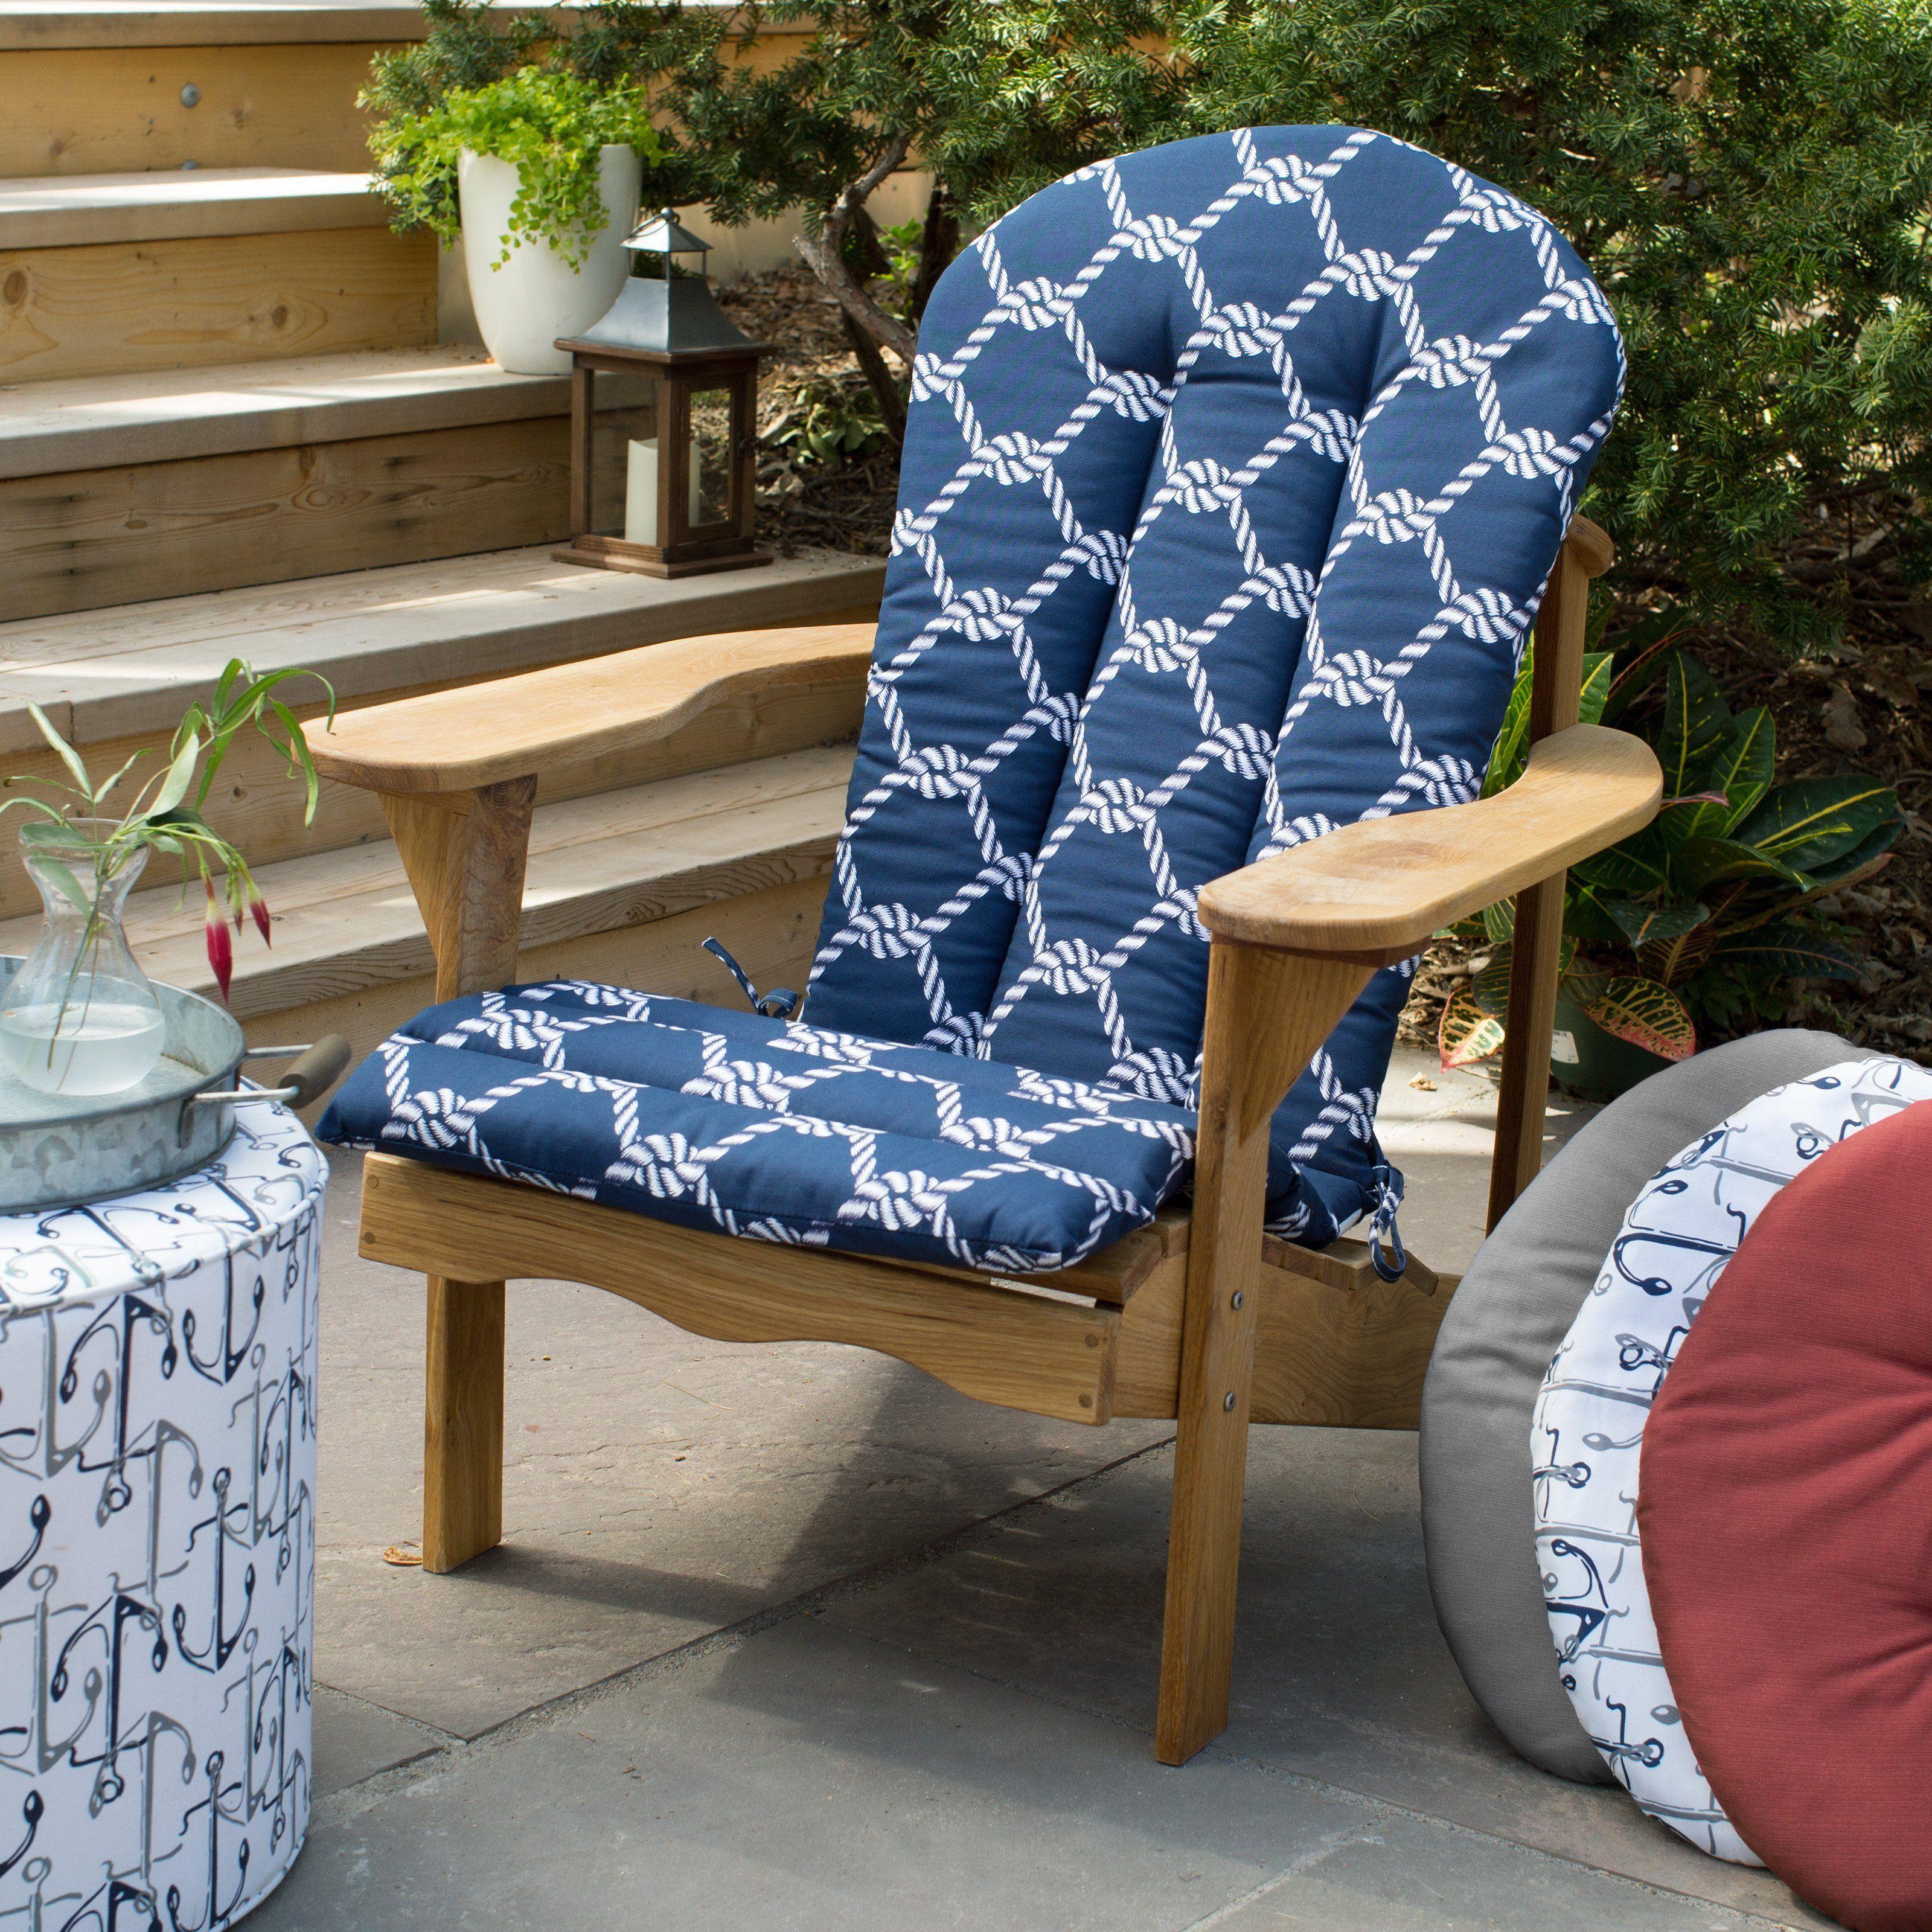 Coral Coast Nautical Adirondack Chair Cushion 49 x 20 in